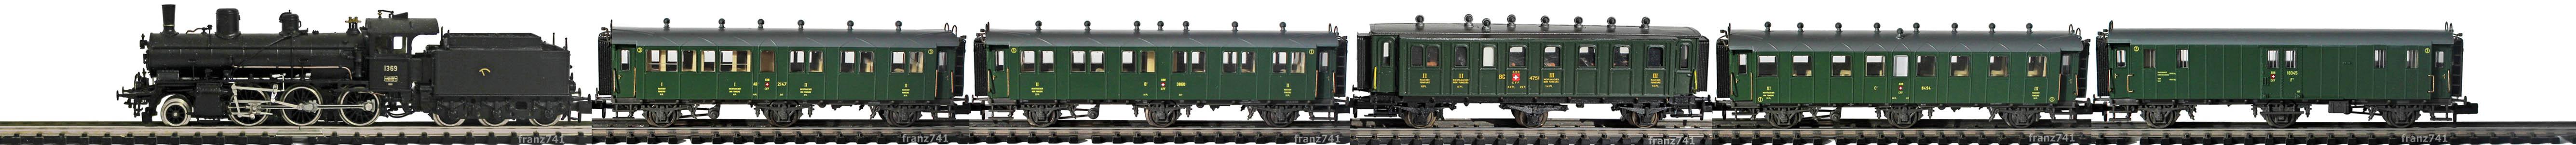 Epoche-II-SBB-Zugskomposition-dreiachs-Personenwagen-geschlossene-Plattform